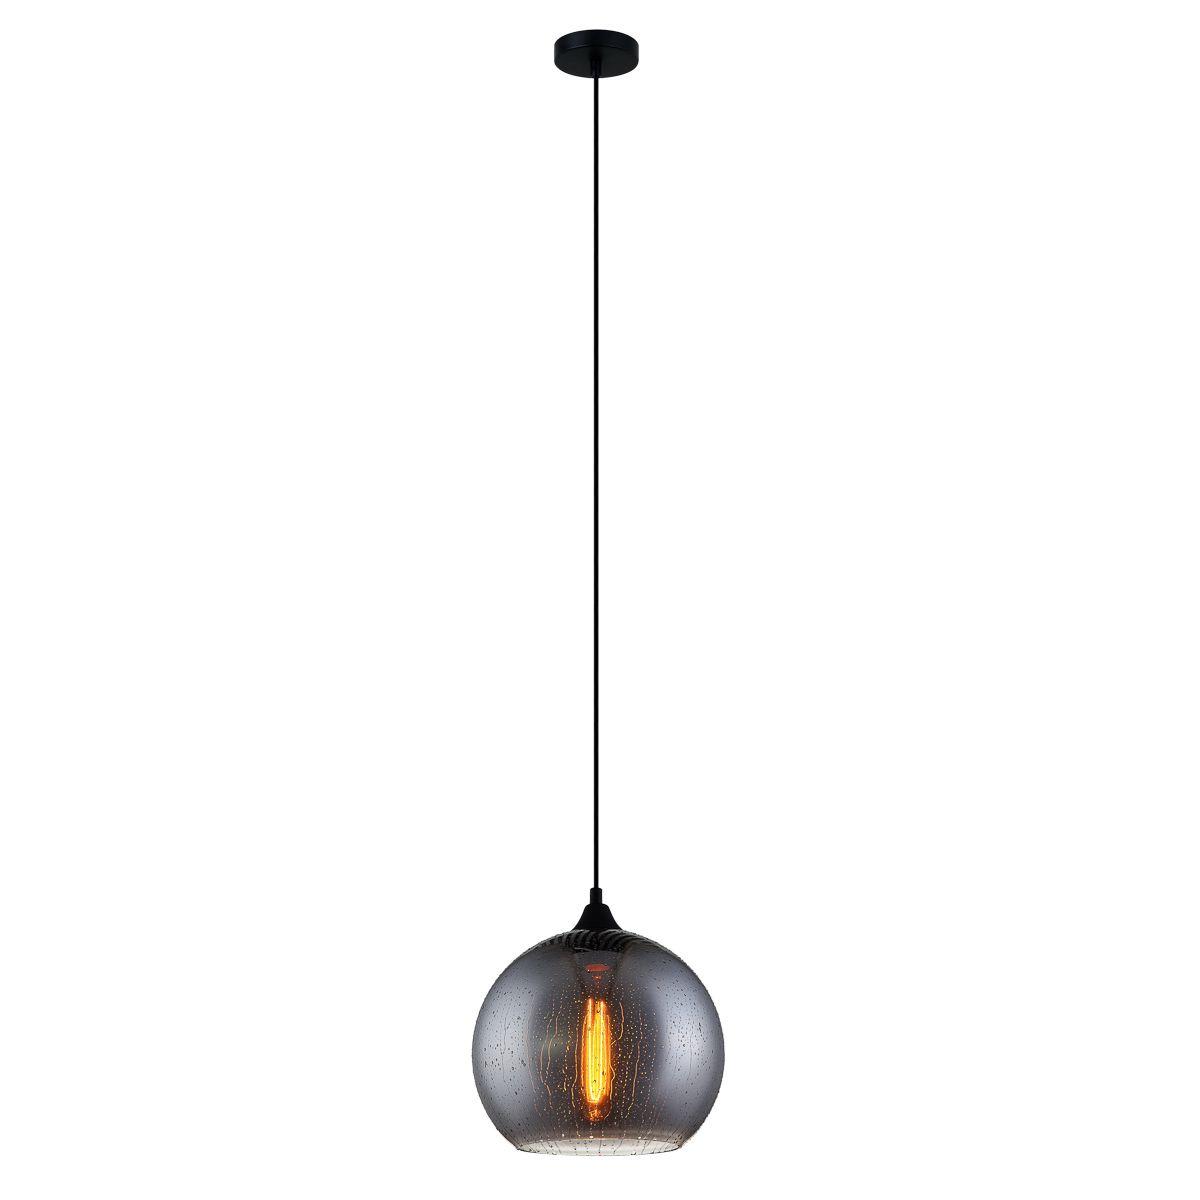 Lampa wisząca TABBY E27 - czarny